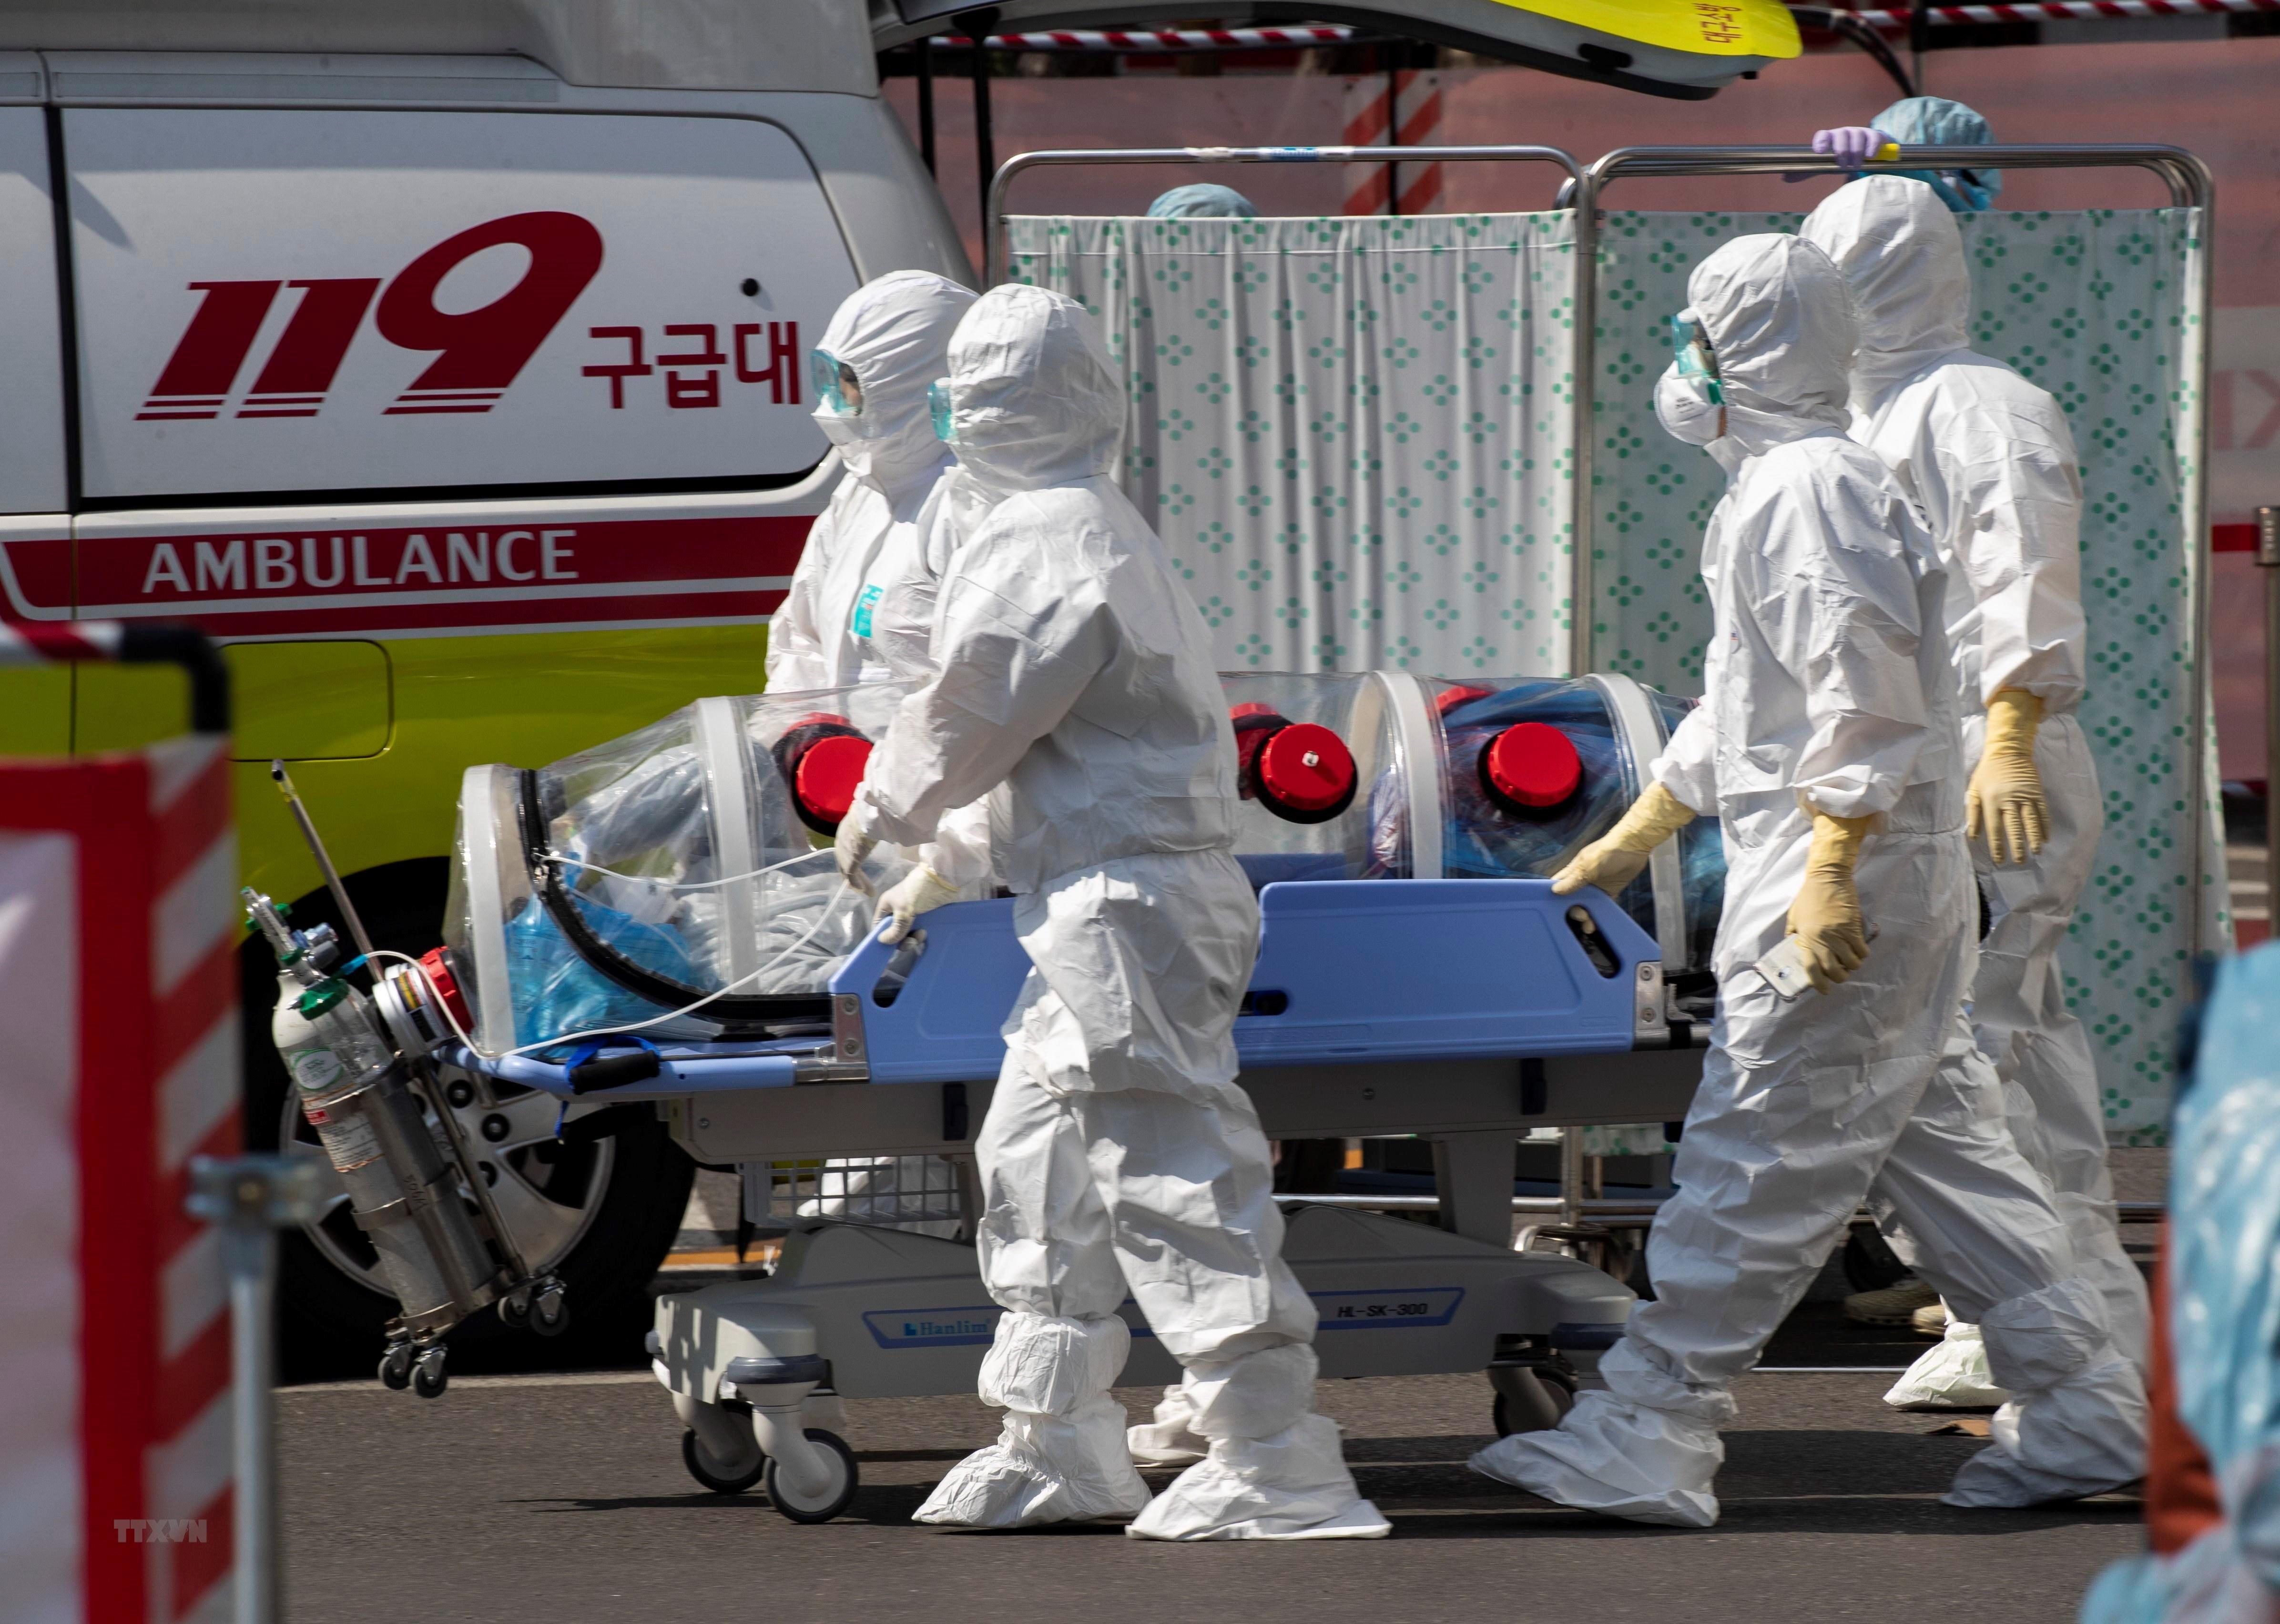 Hàn Quốc ghi nhận số ca mắc COVID-19 vượt ngưỡng 10.000 người